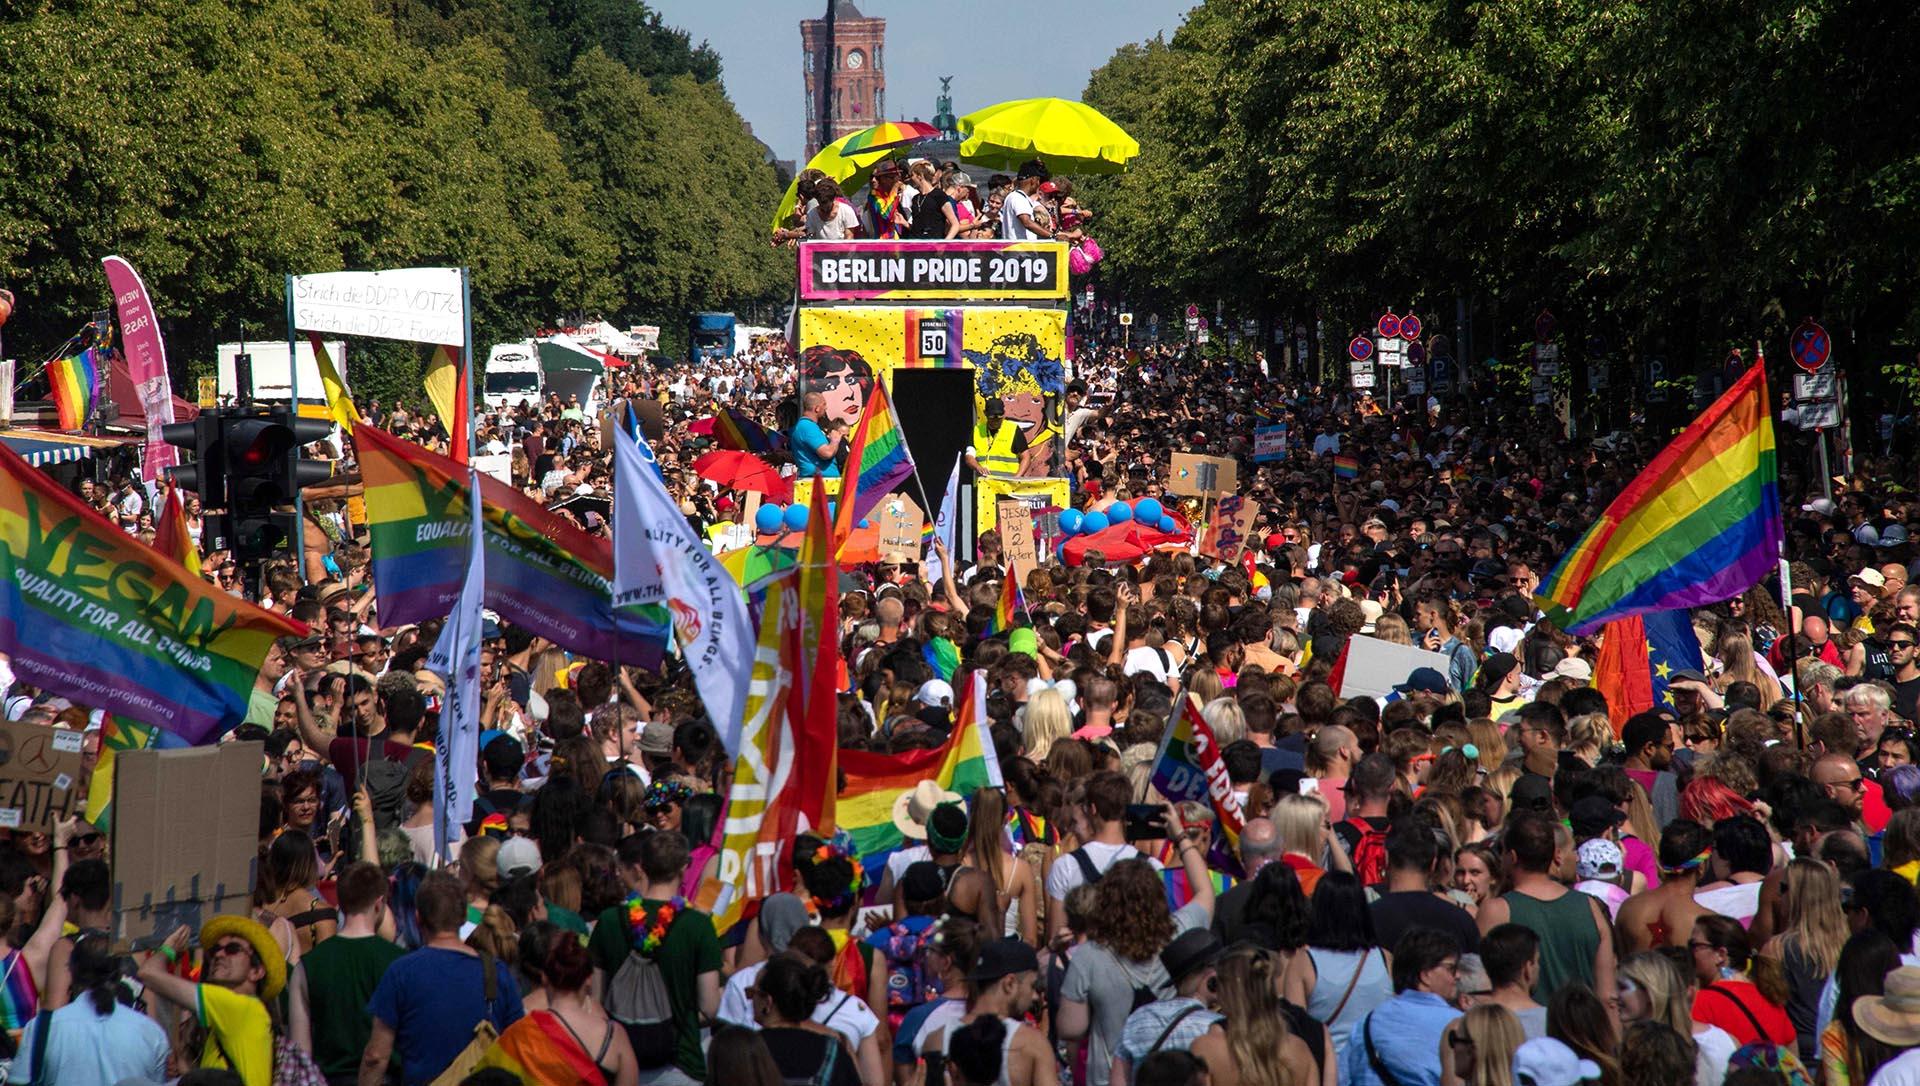 Una carroza se abre paso entre una multitud de espectadores durante el desfile del orgullo Christopher Street Day por las calles de Berlín el 27 de julio de 2019